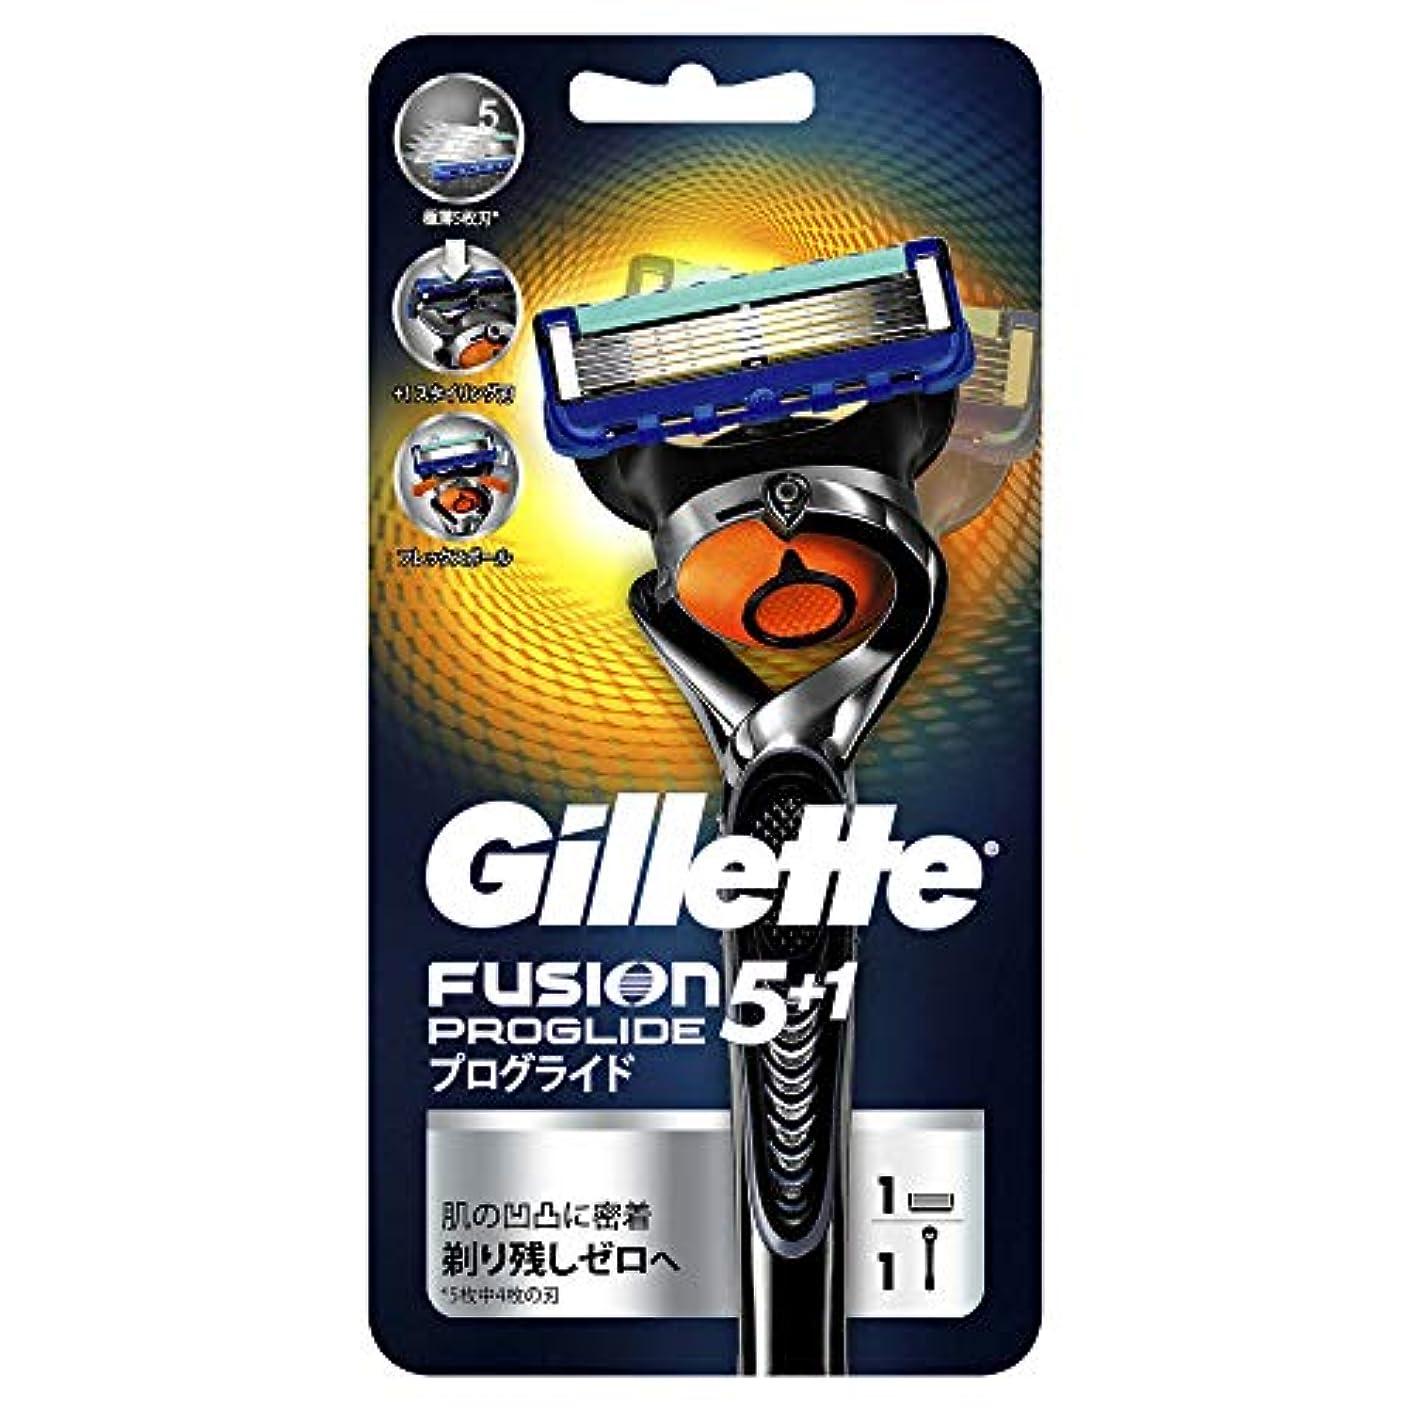 工夫する腫瘍簡単にジレット プログライド フレックスボール マニュアル 髭剃り 本体 お試しパック